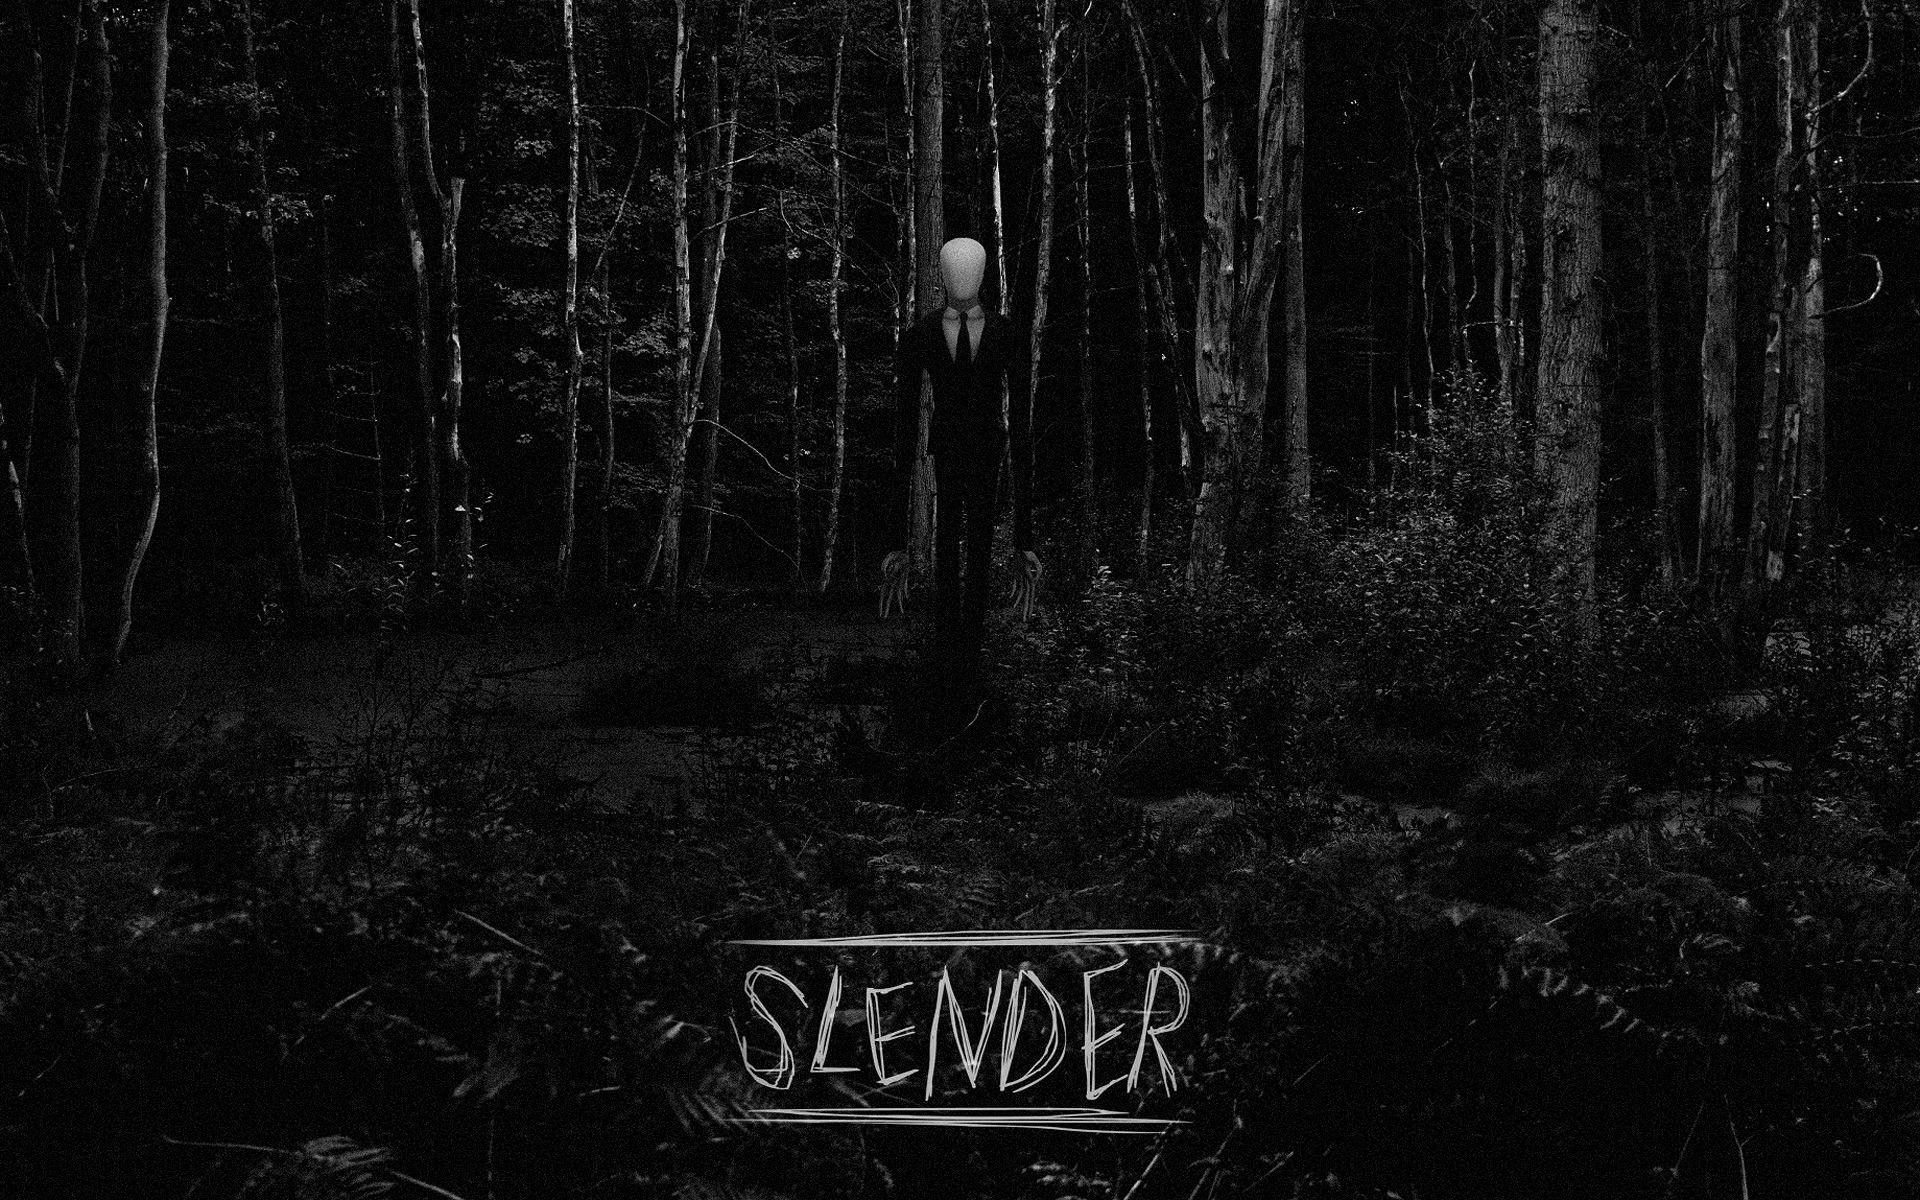 Slender Man BW Forest Creepy trees black white dark videogames .